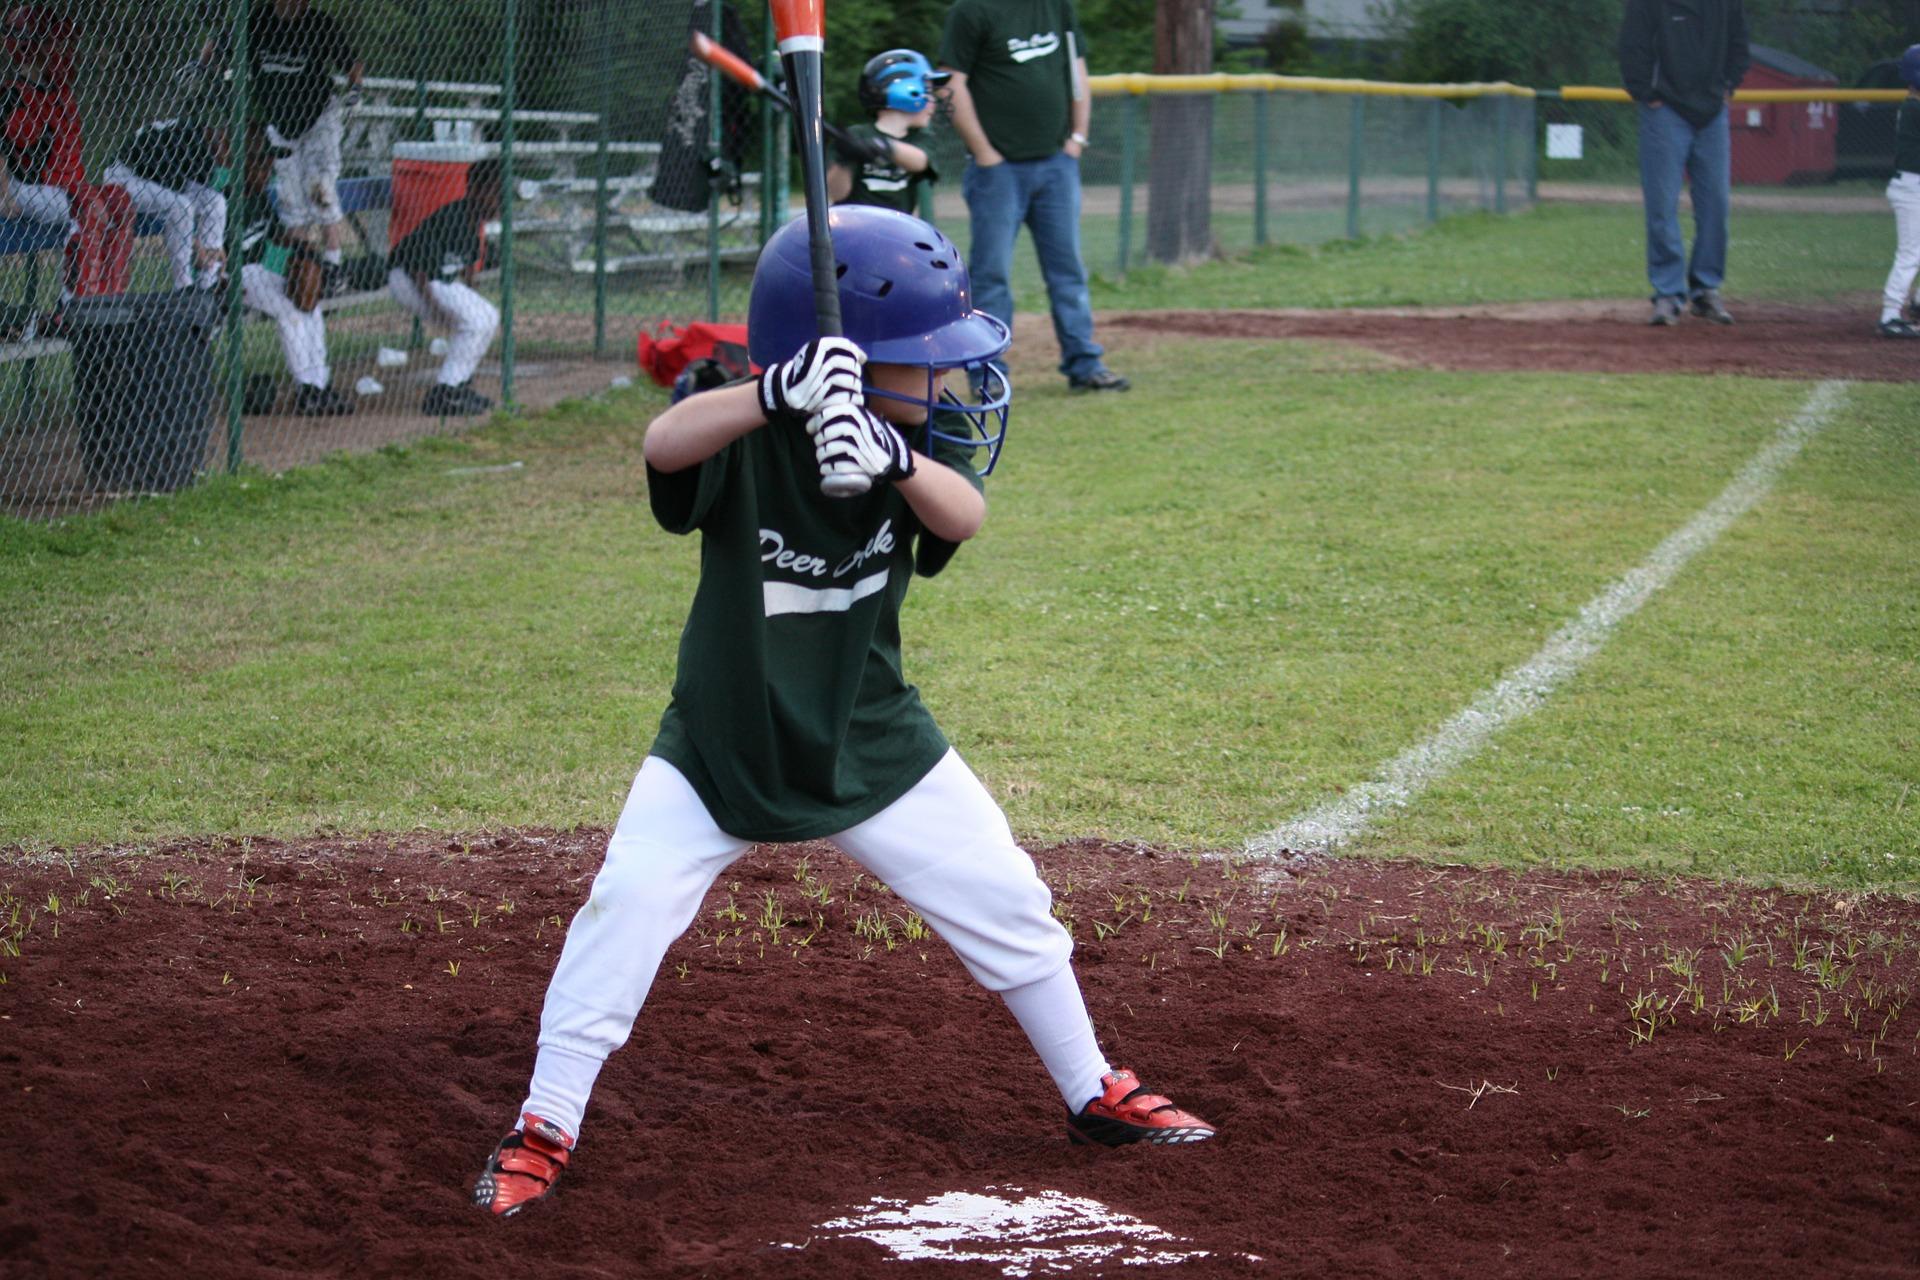 baseball 92382 1920 - El deporte como pilar de formación en la autoestima de los niños